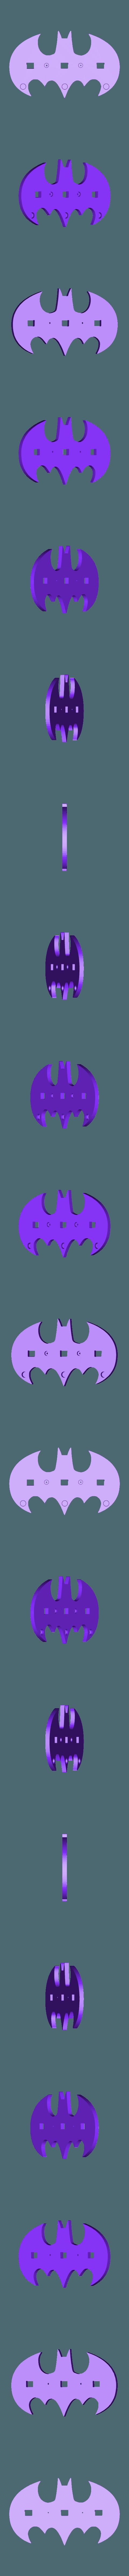 logo.stl Télécharger fichier STL gratuit BatmanRepisa • Design à imprimer en 3D, Aslan3d